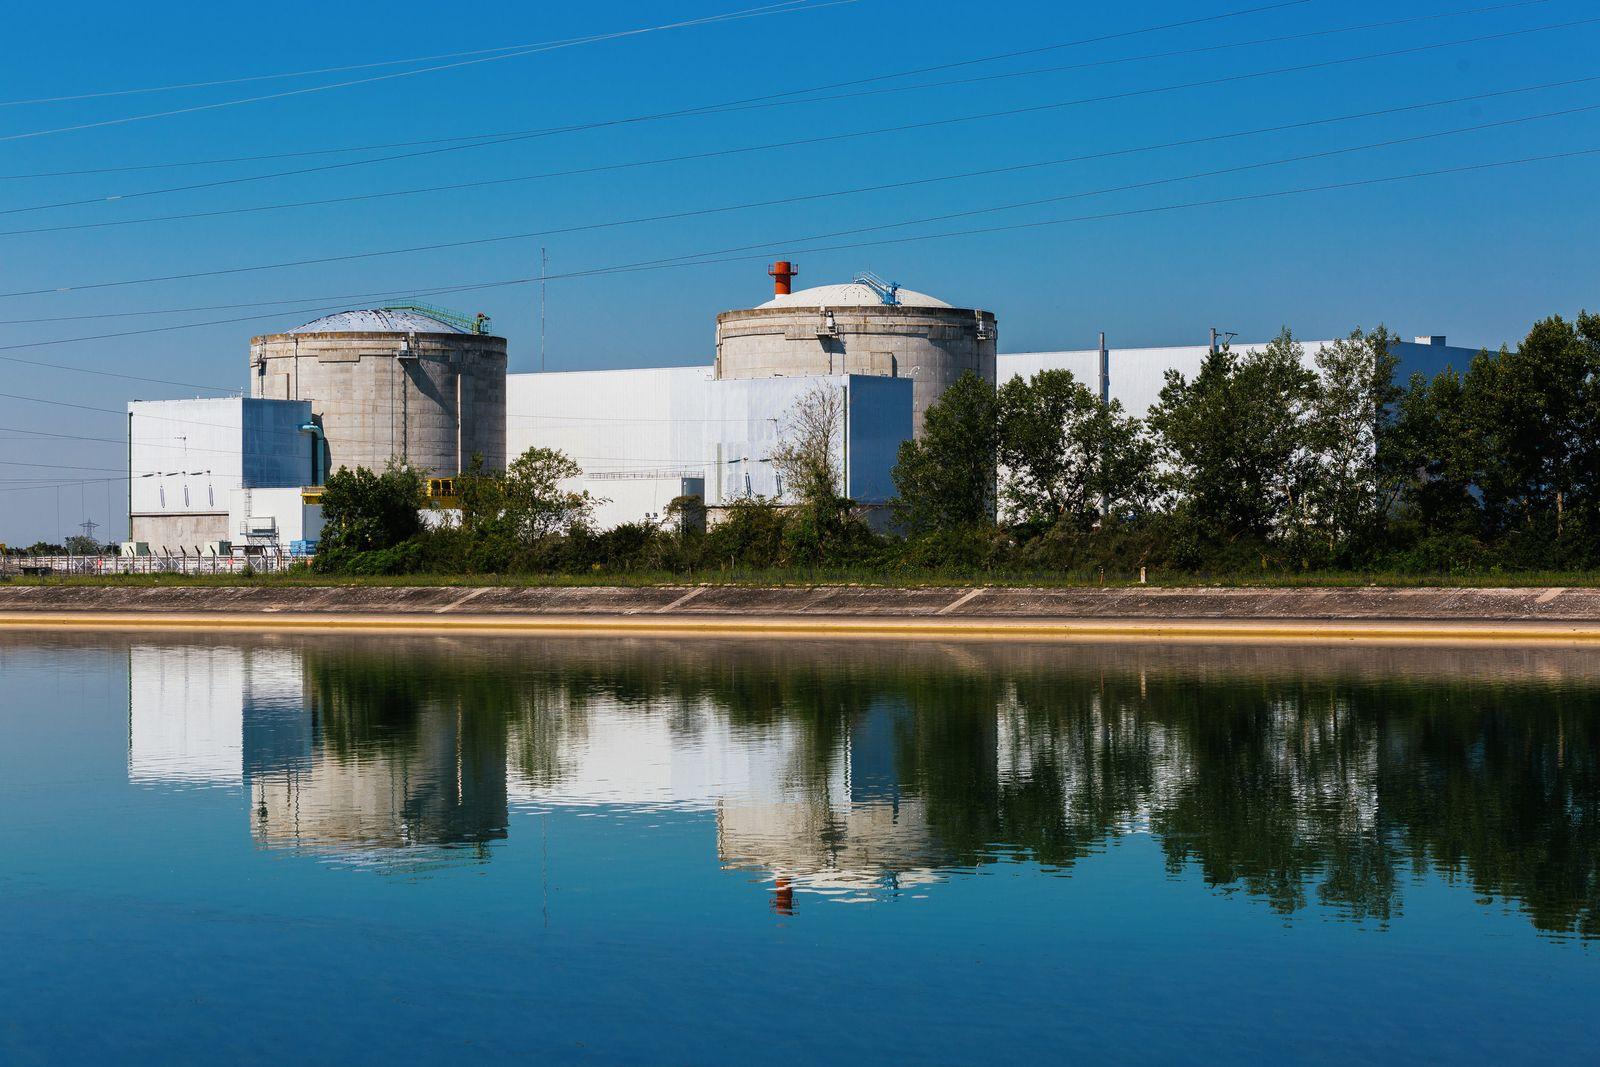 Zweiter Reaktor des Kernkraftwerks Fessenheim geht vom Netz